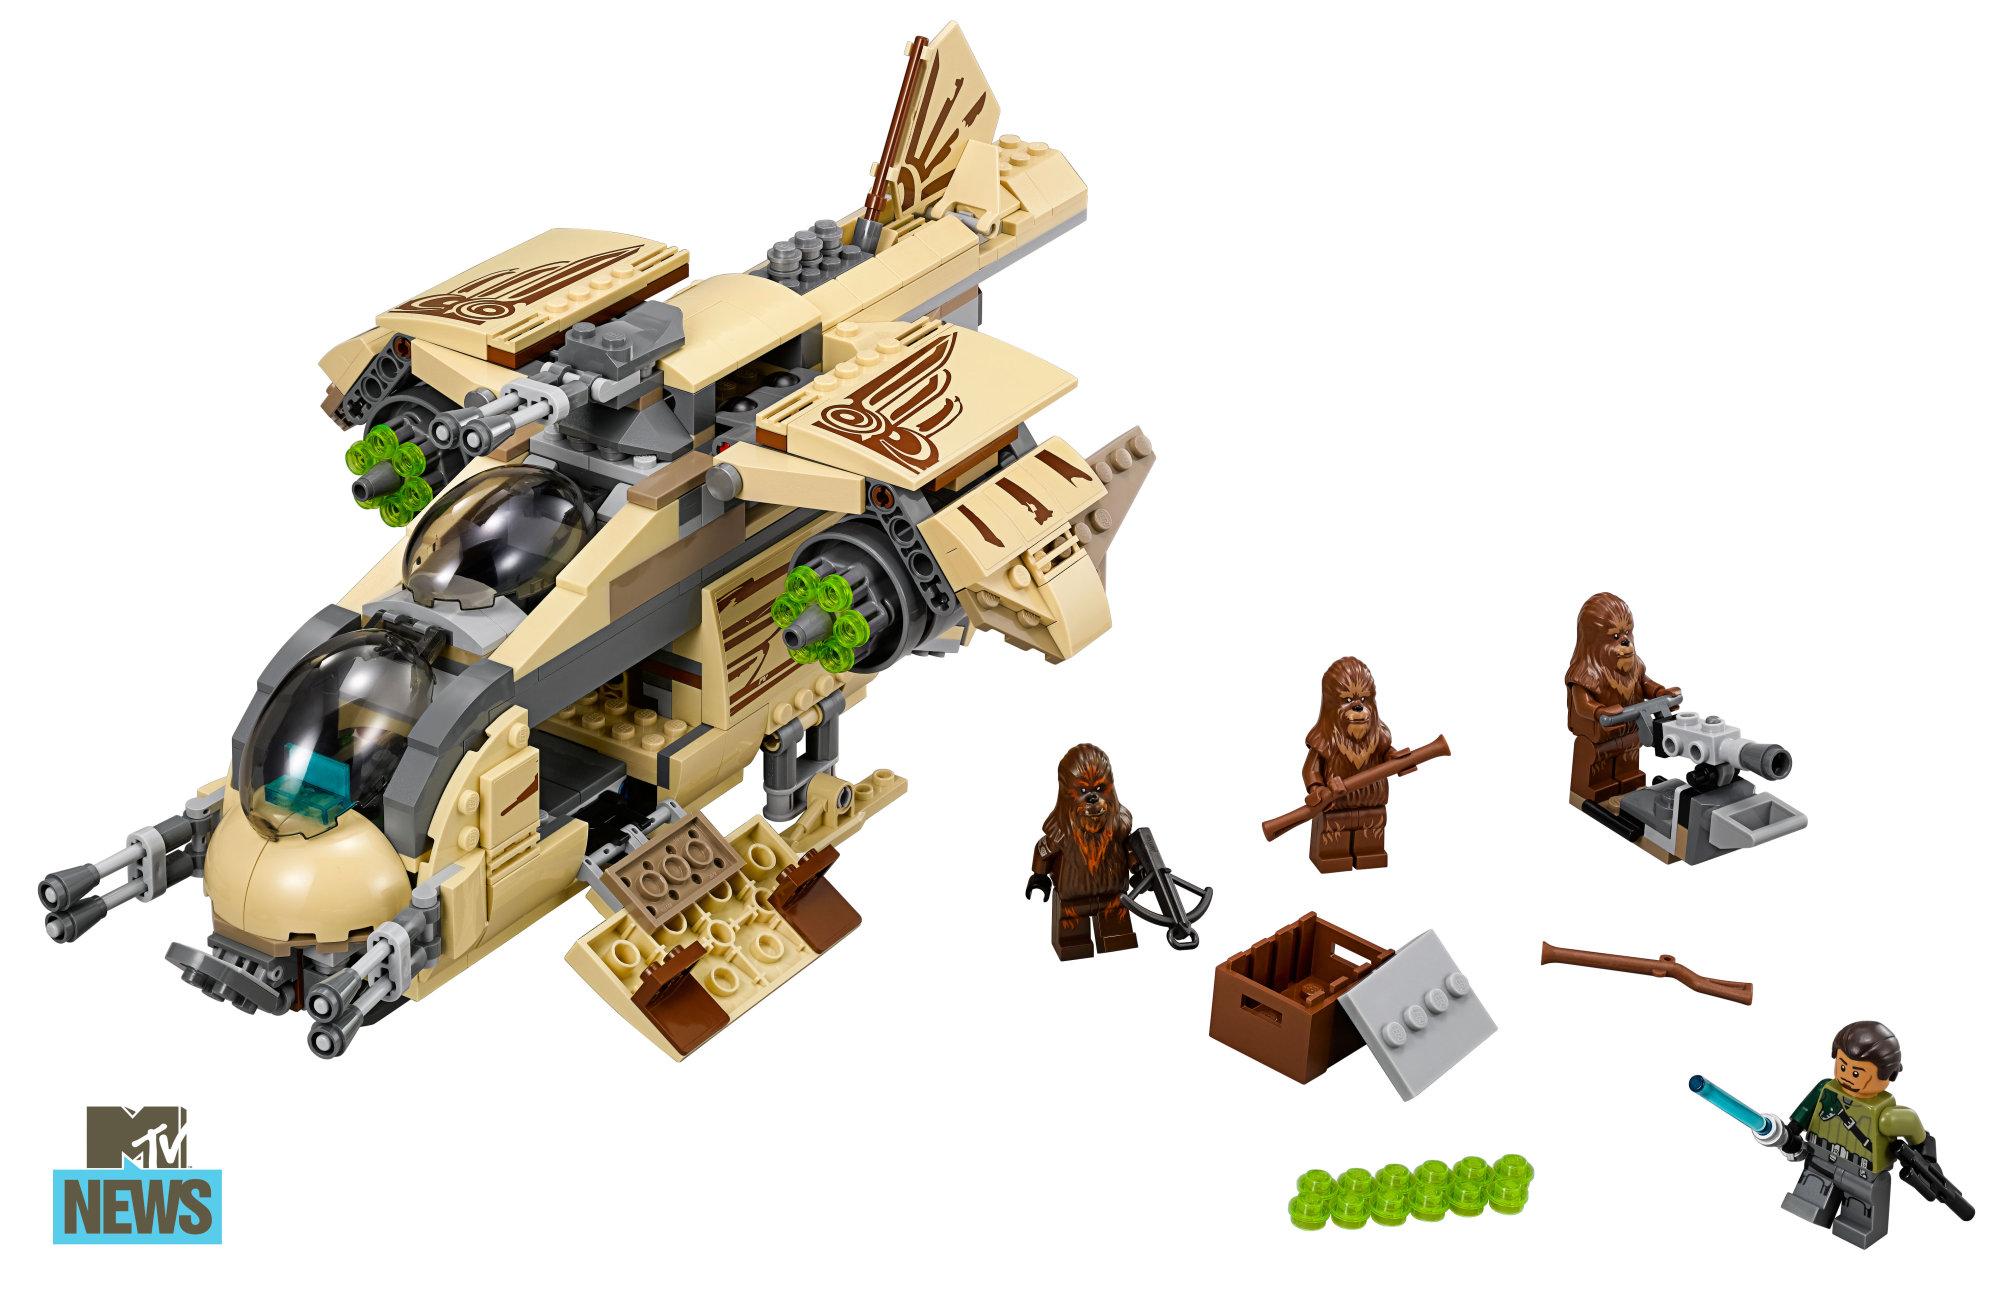 lego star wars 2015 rumored set list the brick fan. Black Bedroom Furniture Sets. Home Design Ideas